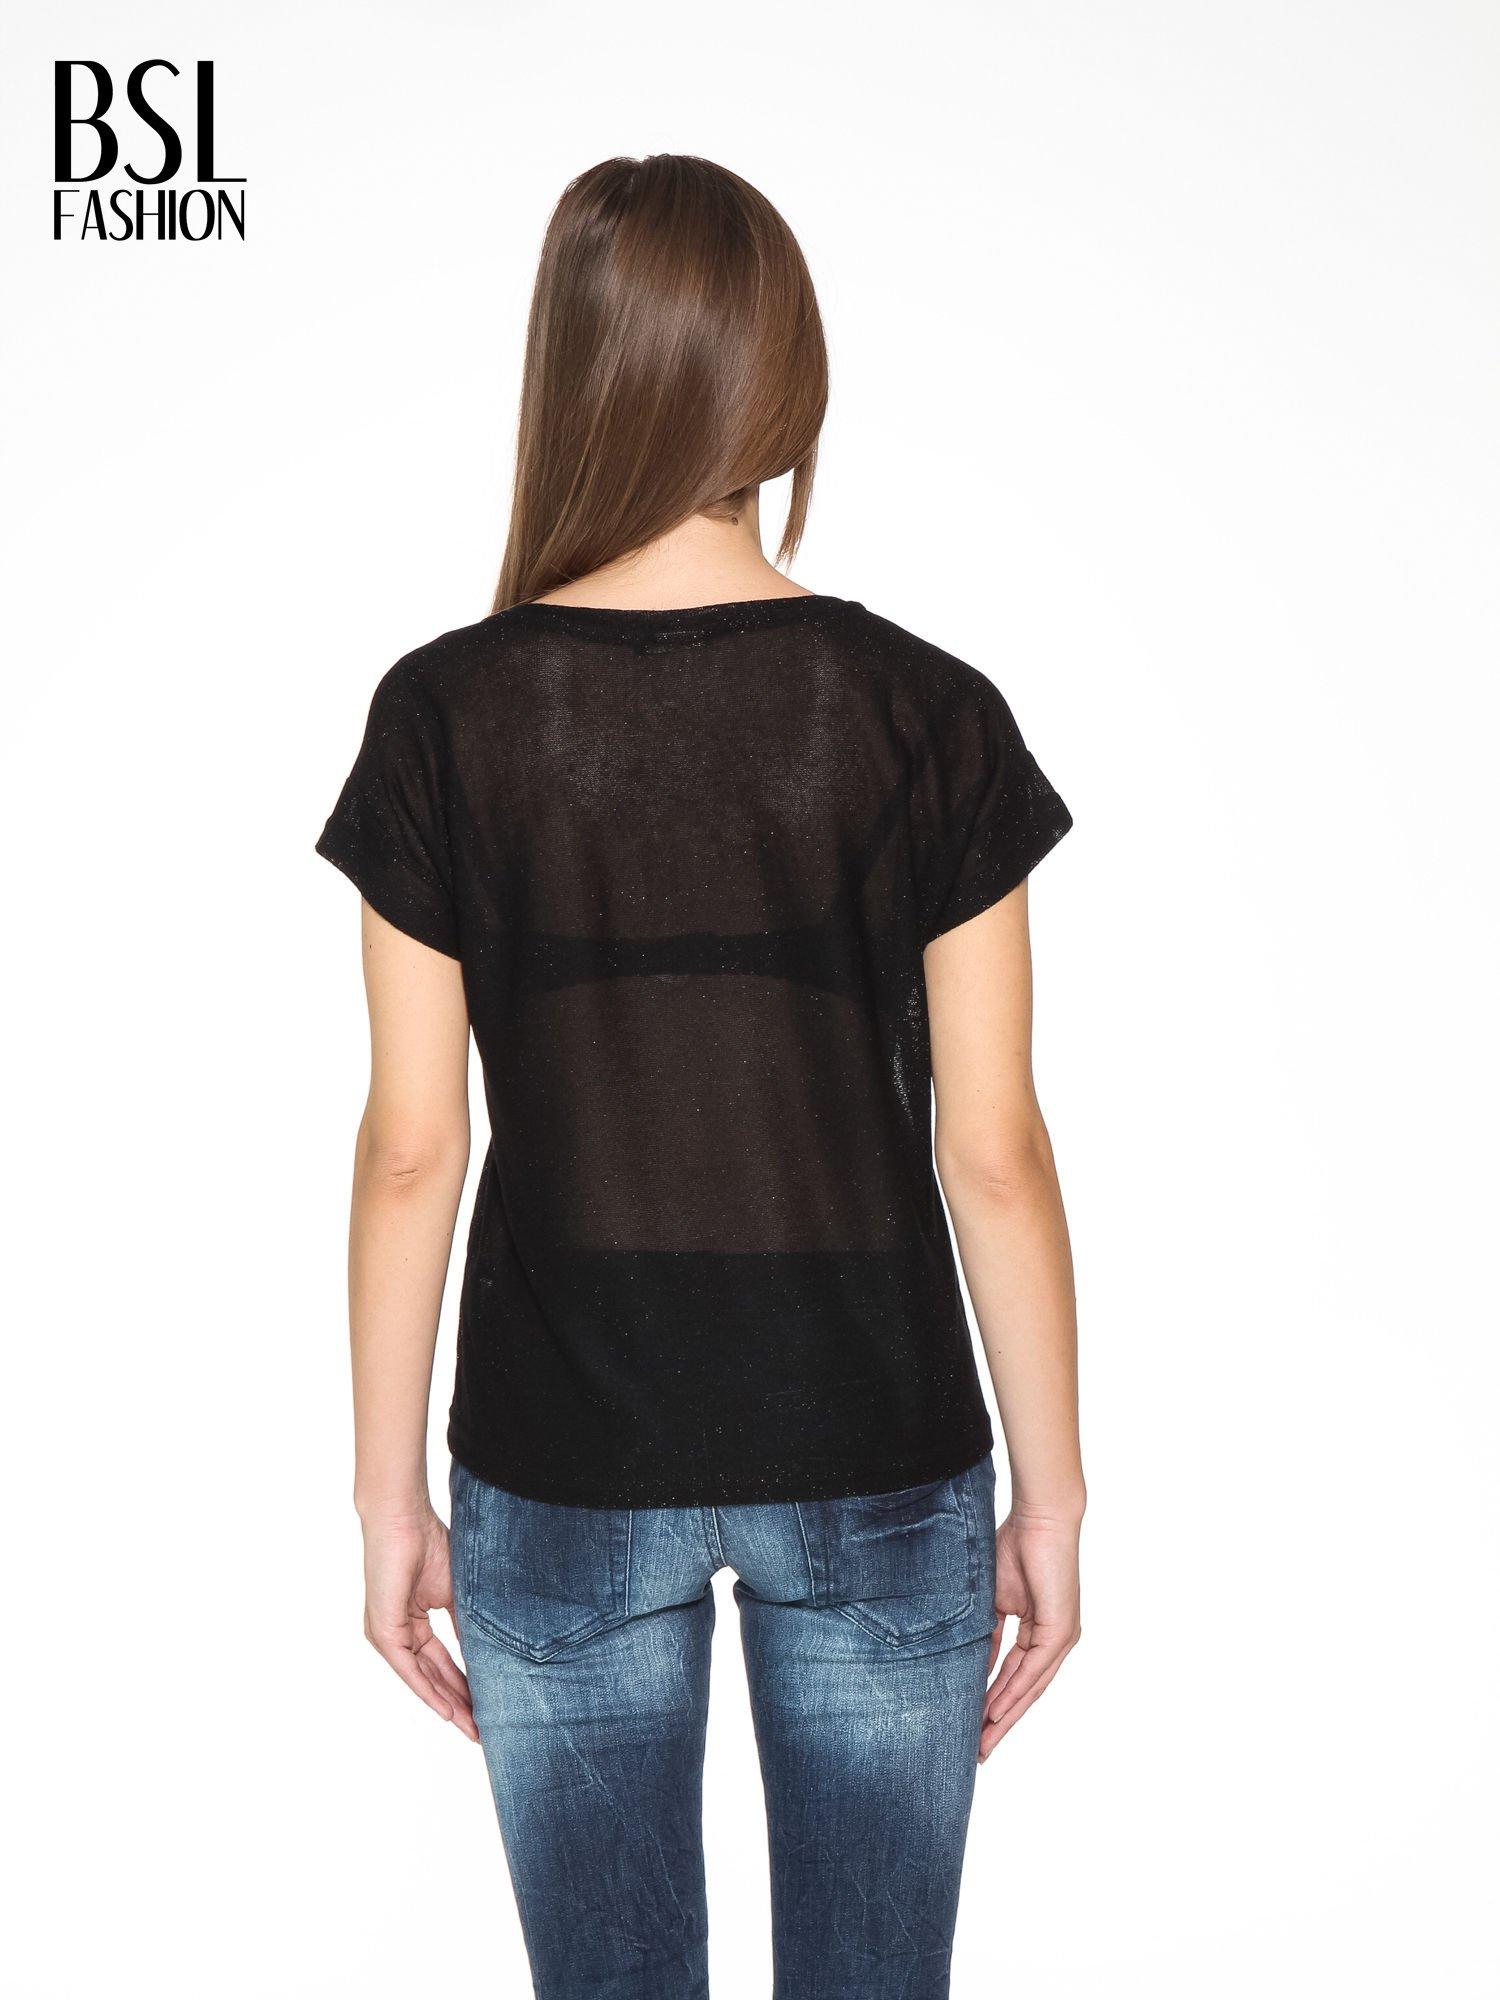 Czarny transparentny t-shirt przeplatany srebrną nicią                                  zdj.                                  4